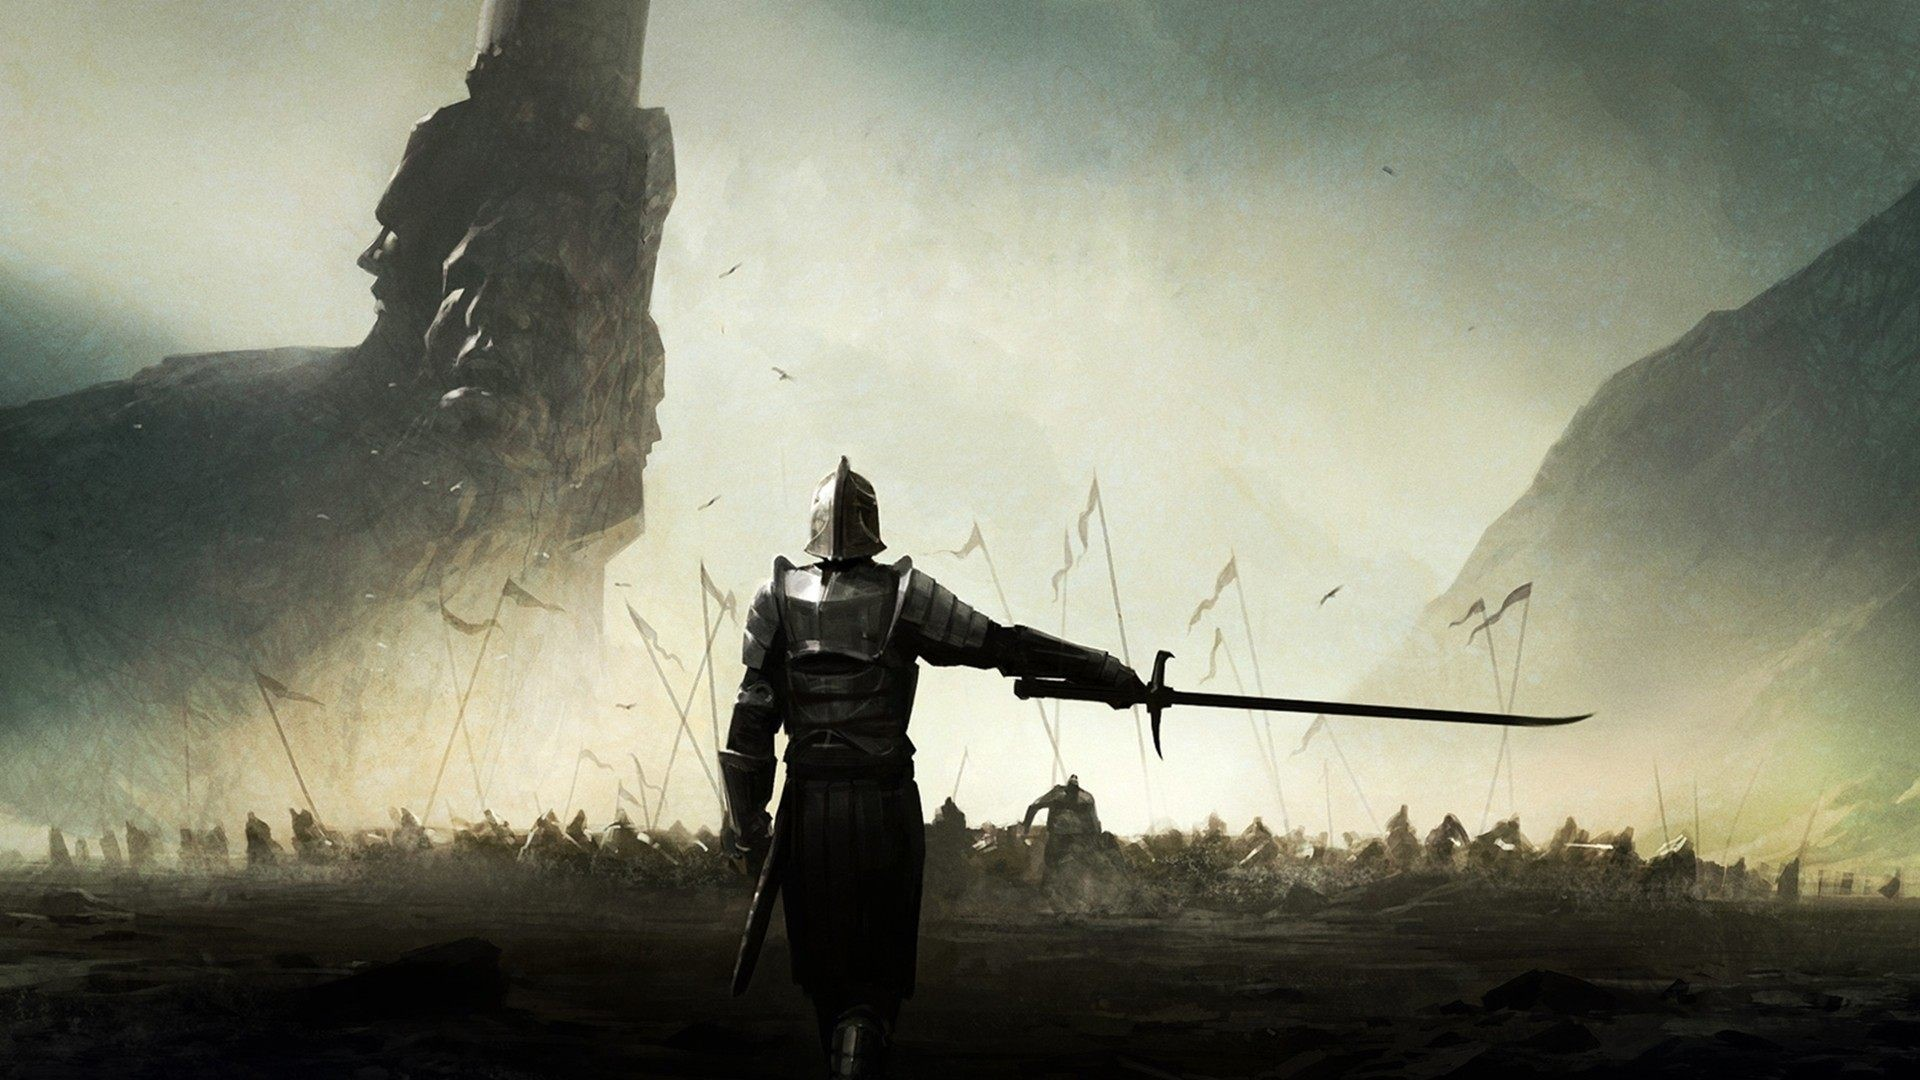 HD Samurai Wallpaper (81+ images)